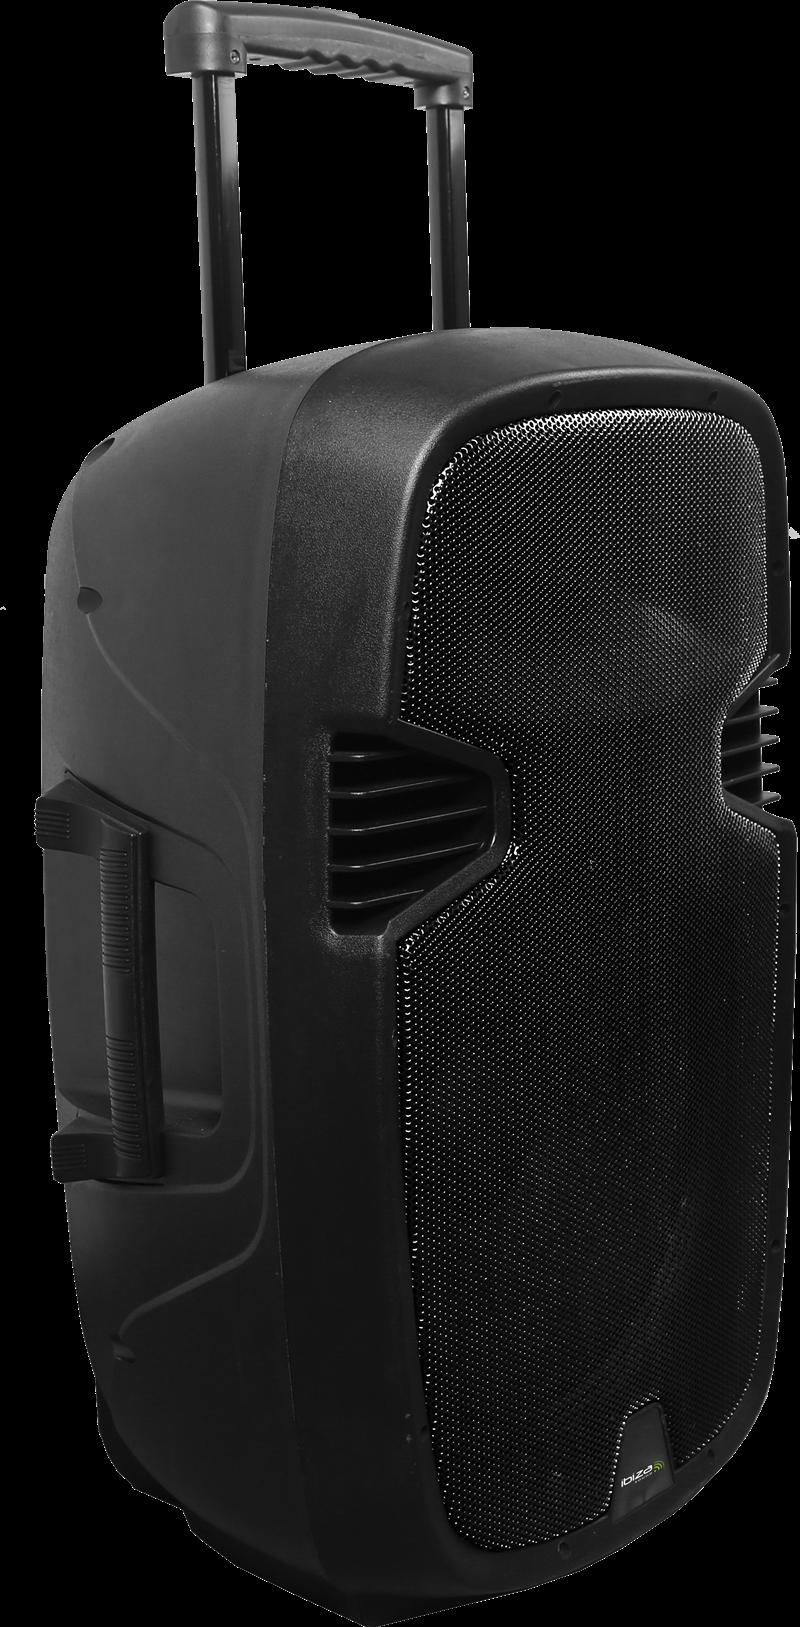 """Billede af Ibiza sound transportabel 15"""" højttalersystem med USB, SD, bluetooth og mikrofoner"""